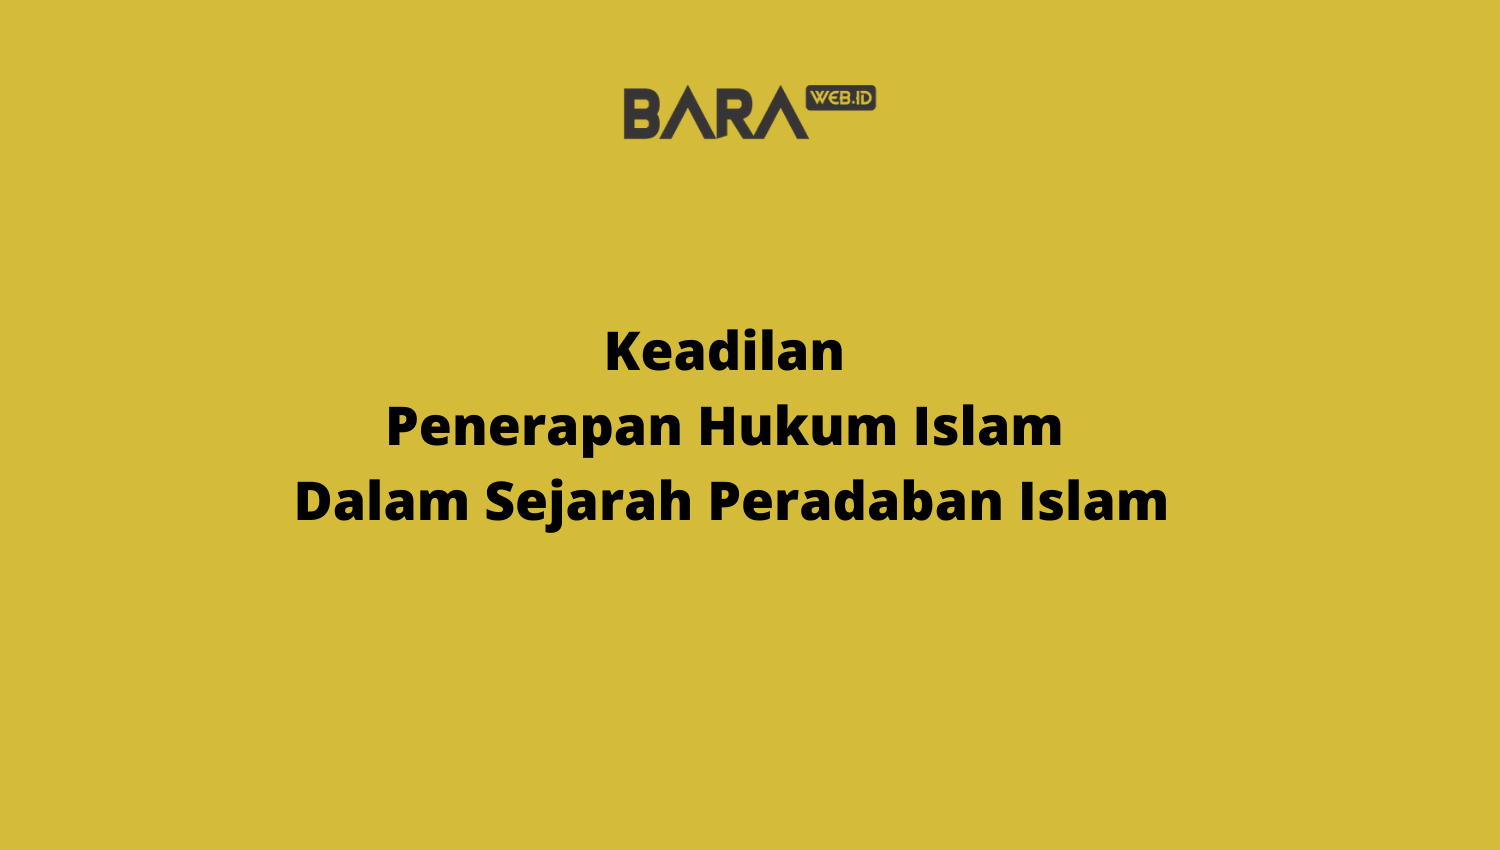 Keadilan Penerapan Hukum Islam Dalam Sejarah Peradaban Islam